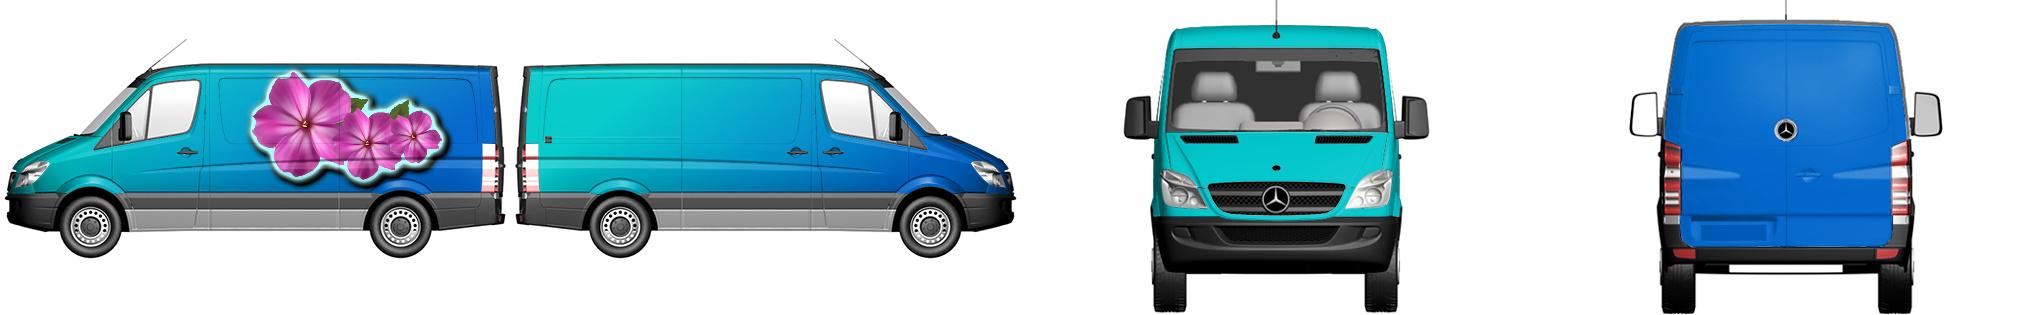 Van Wrap #52392